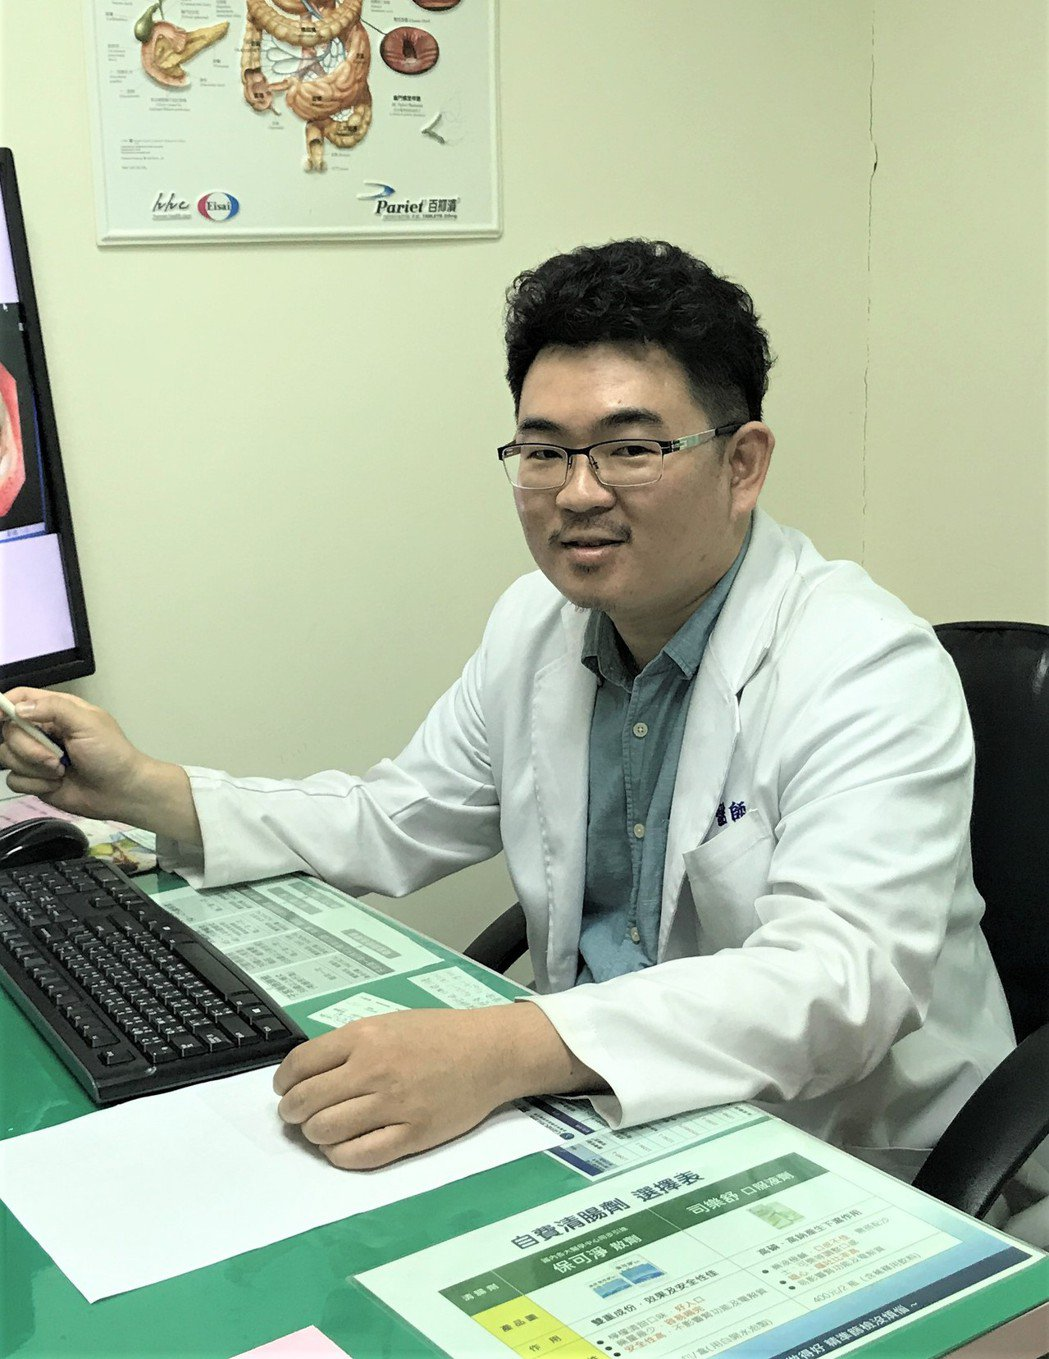 烏日林新醫院大腸直腸外科醫師邱騰逸指出,婦人先接受放射線治療讓腫瘤縮小,再進行「...